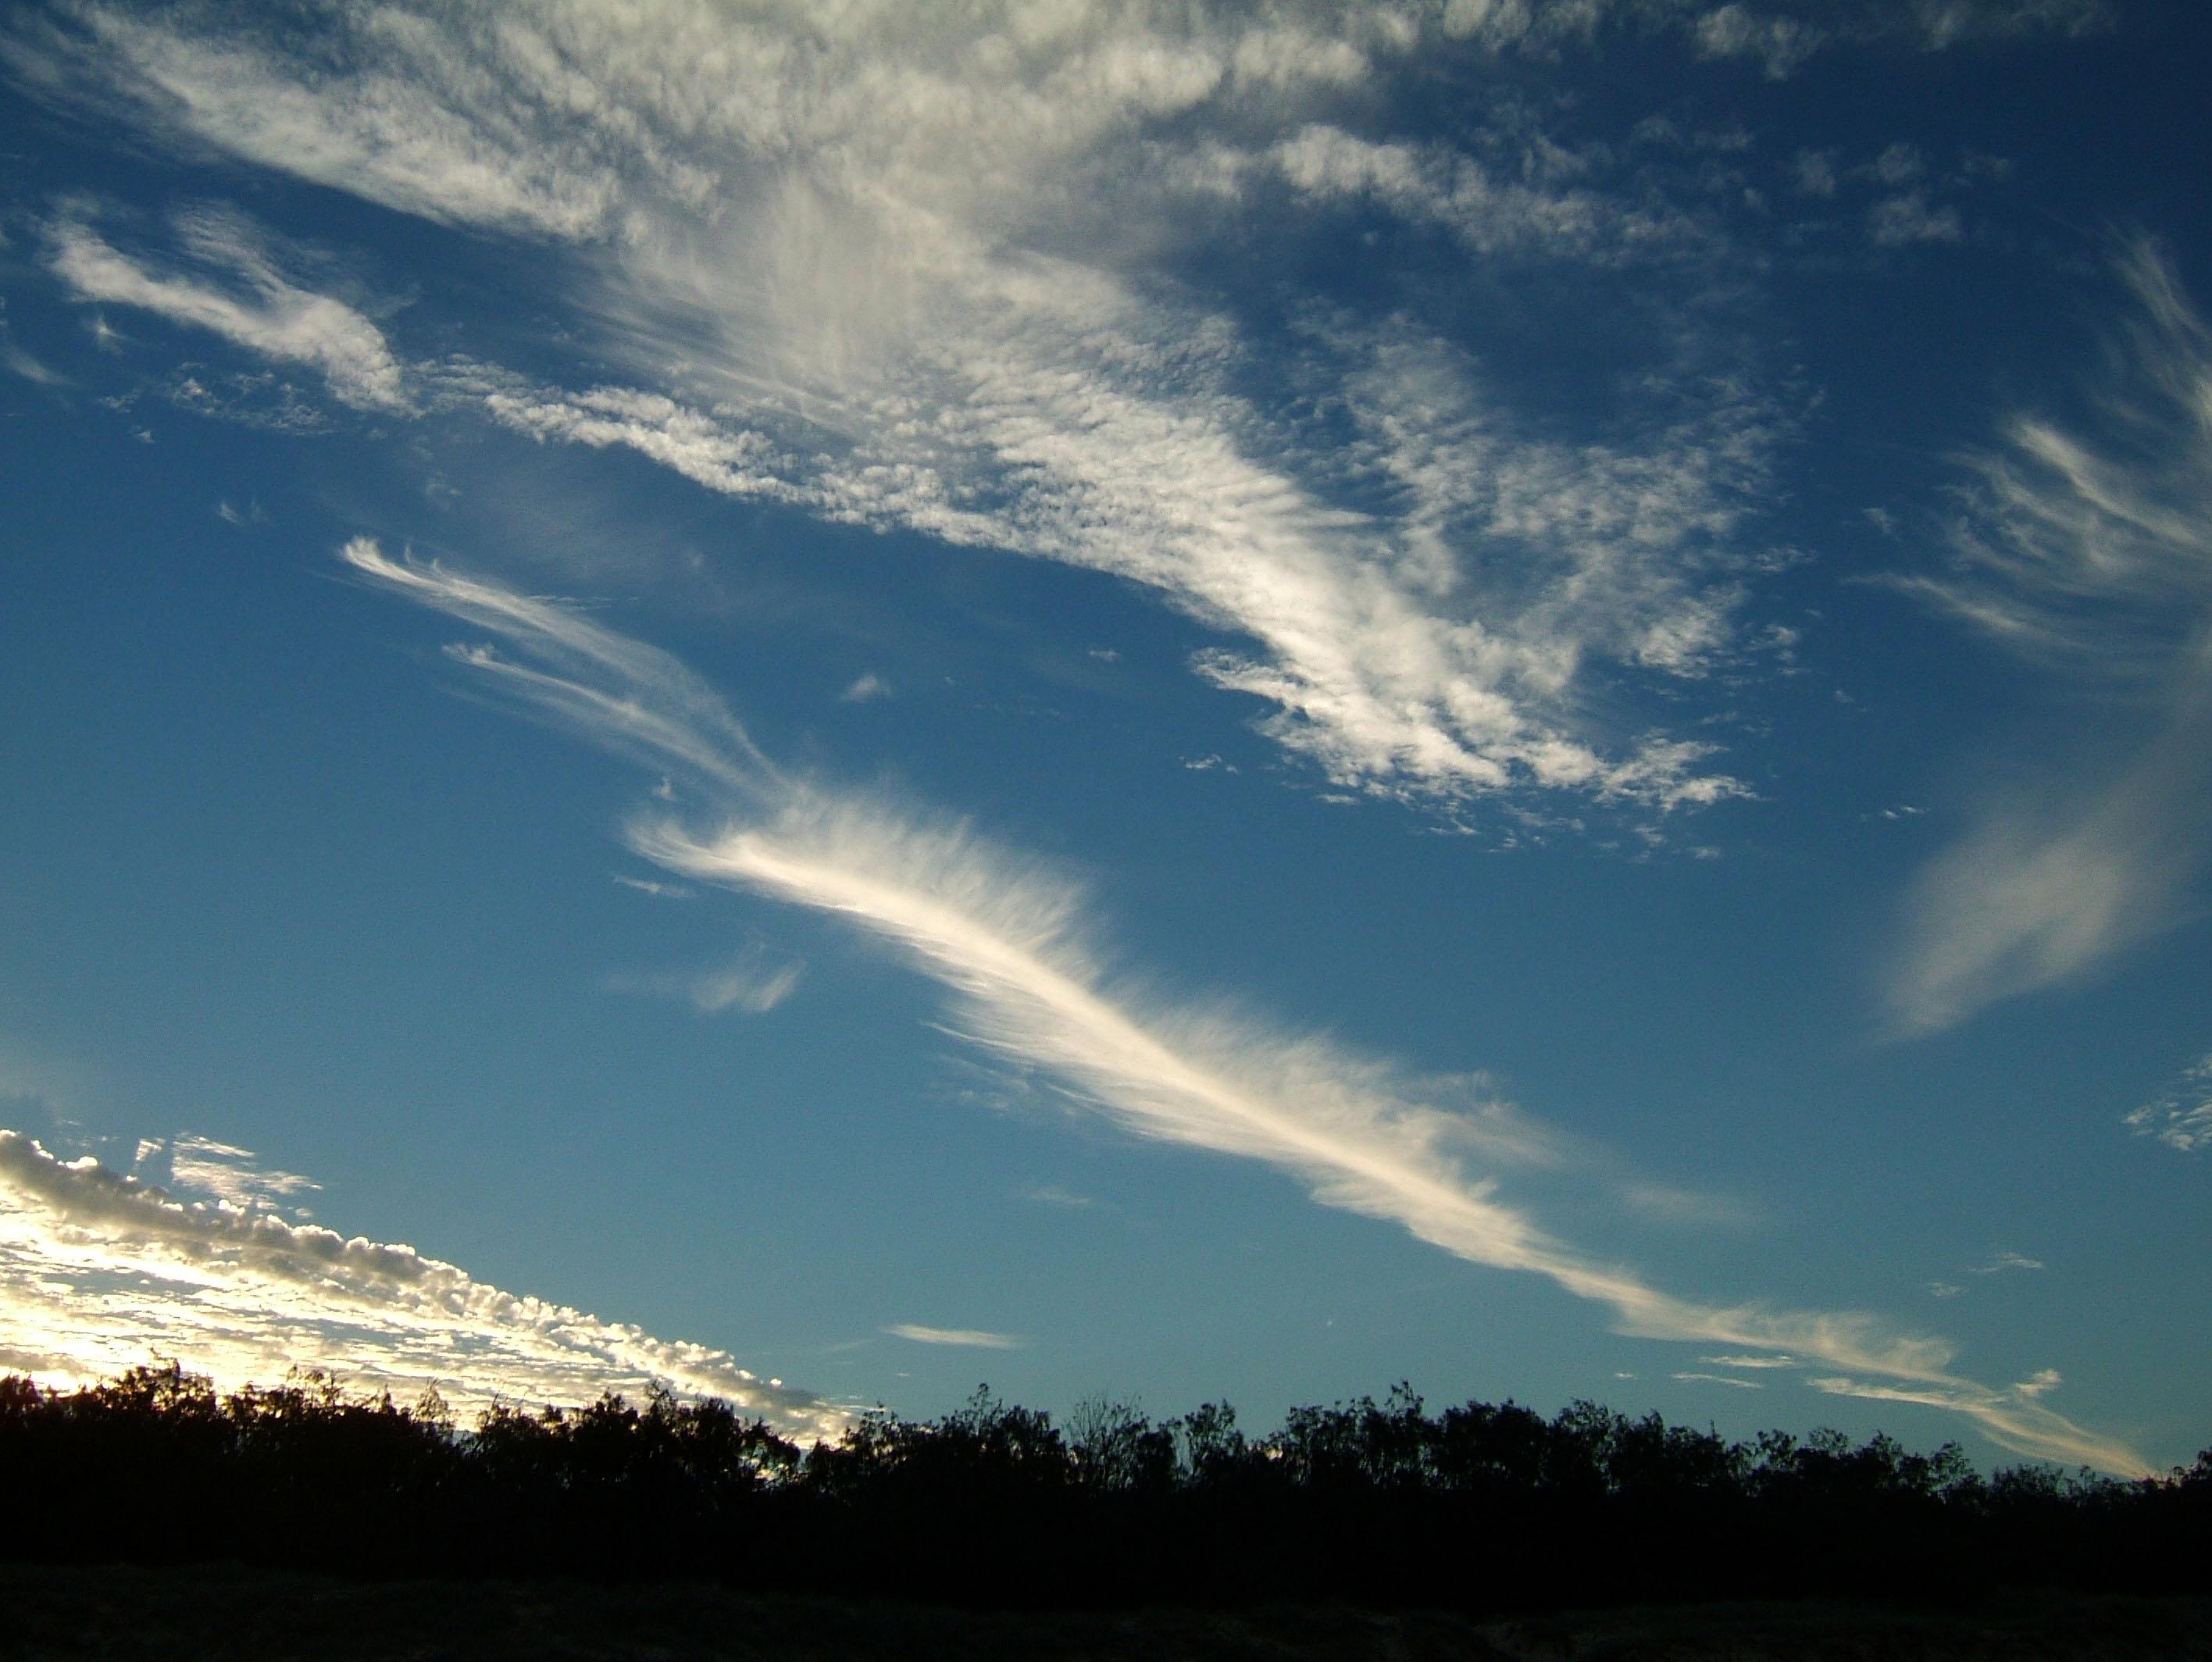 Marcus Vissions Cirrus clouds Feb 2002 01